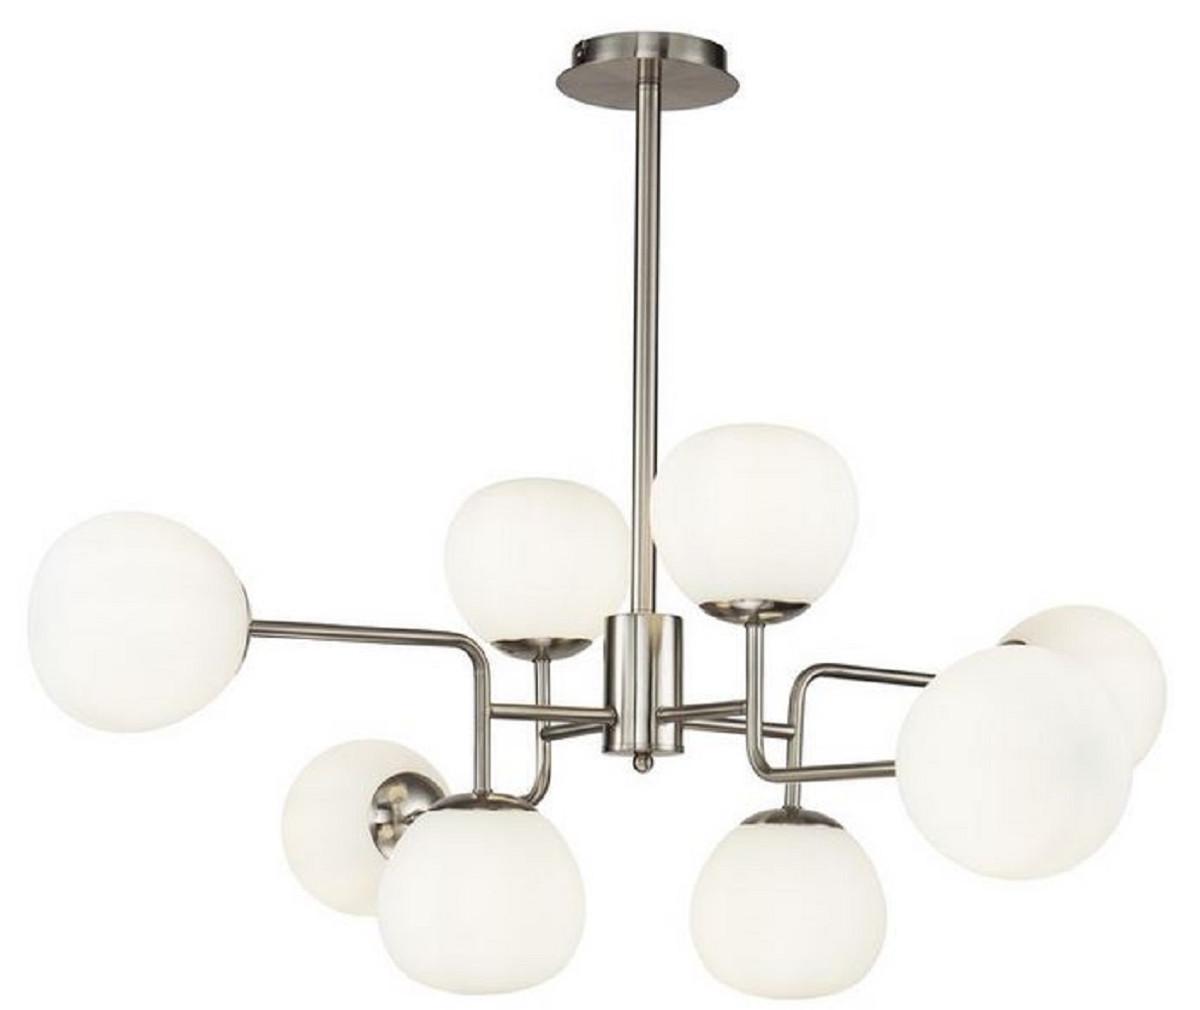 Casa Padrino Kronleuchter Silber / Weiß Ø 96 x H. 26,5 cm - Moderner Kronleuchter mit runden Mattglas Lampenschirmen 1